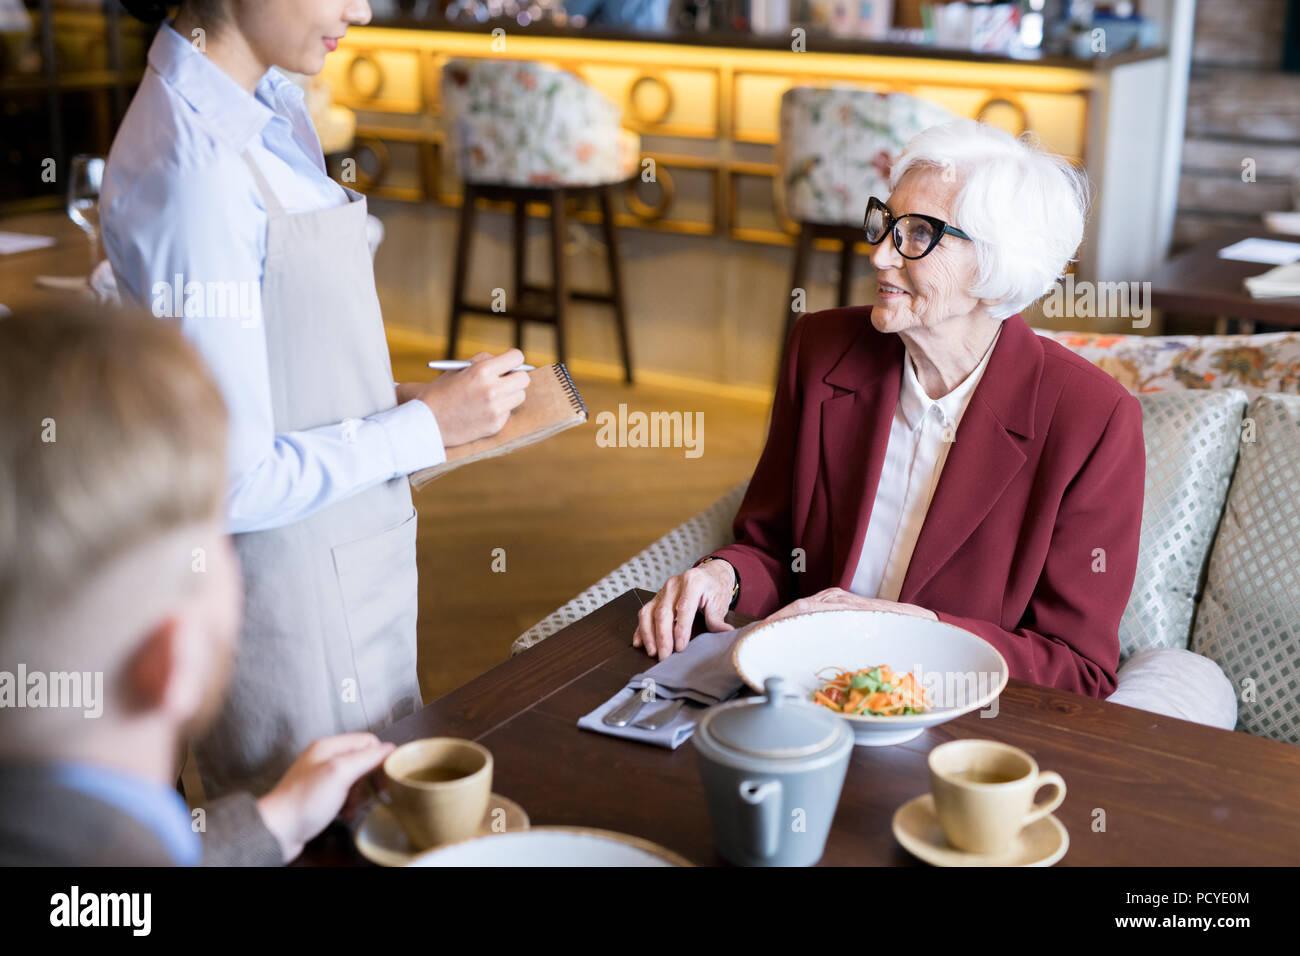 Cenando en el restaurante Imagen De Stock